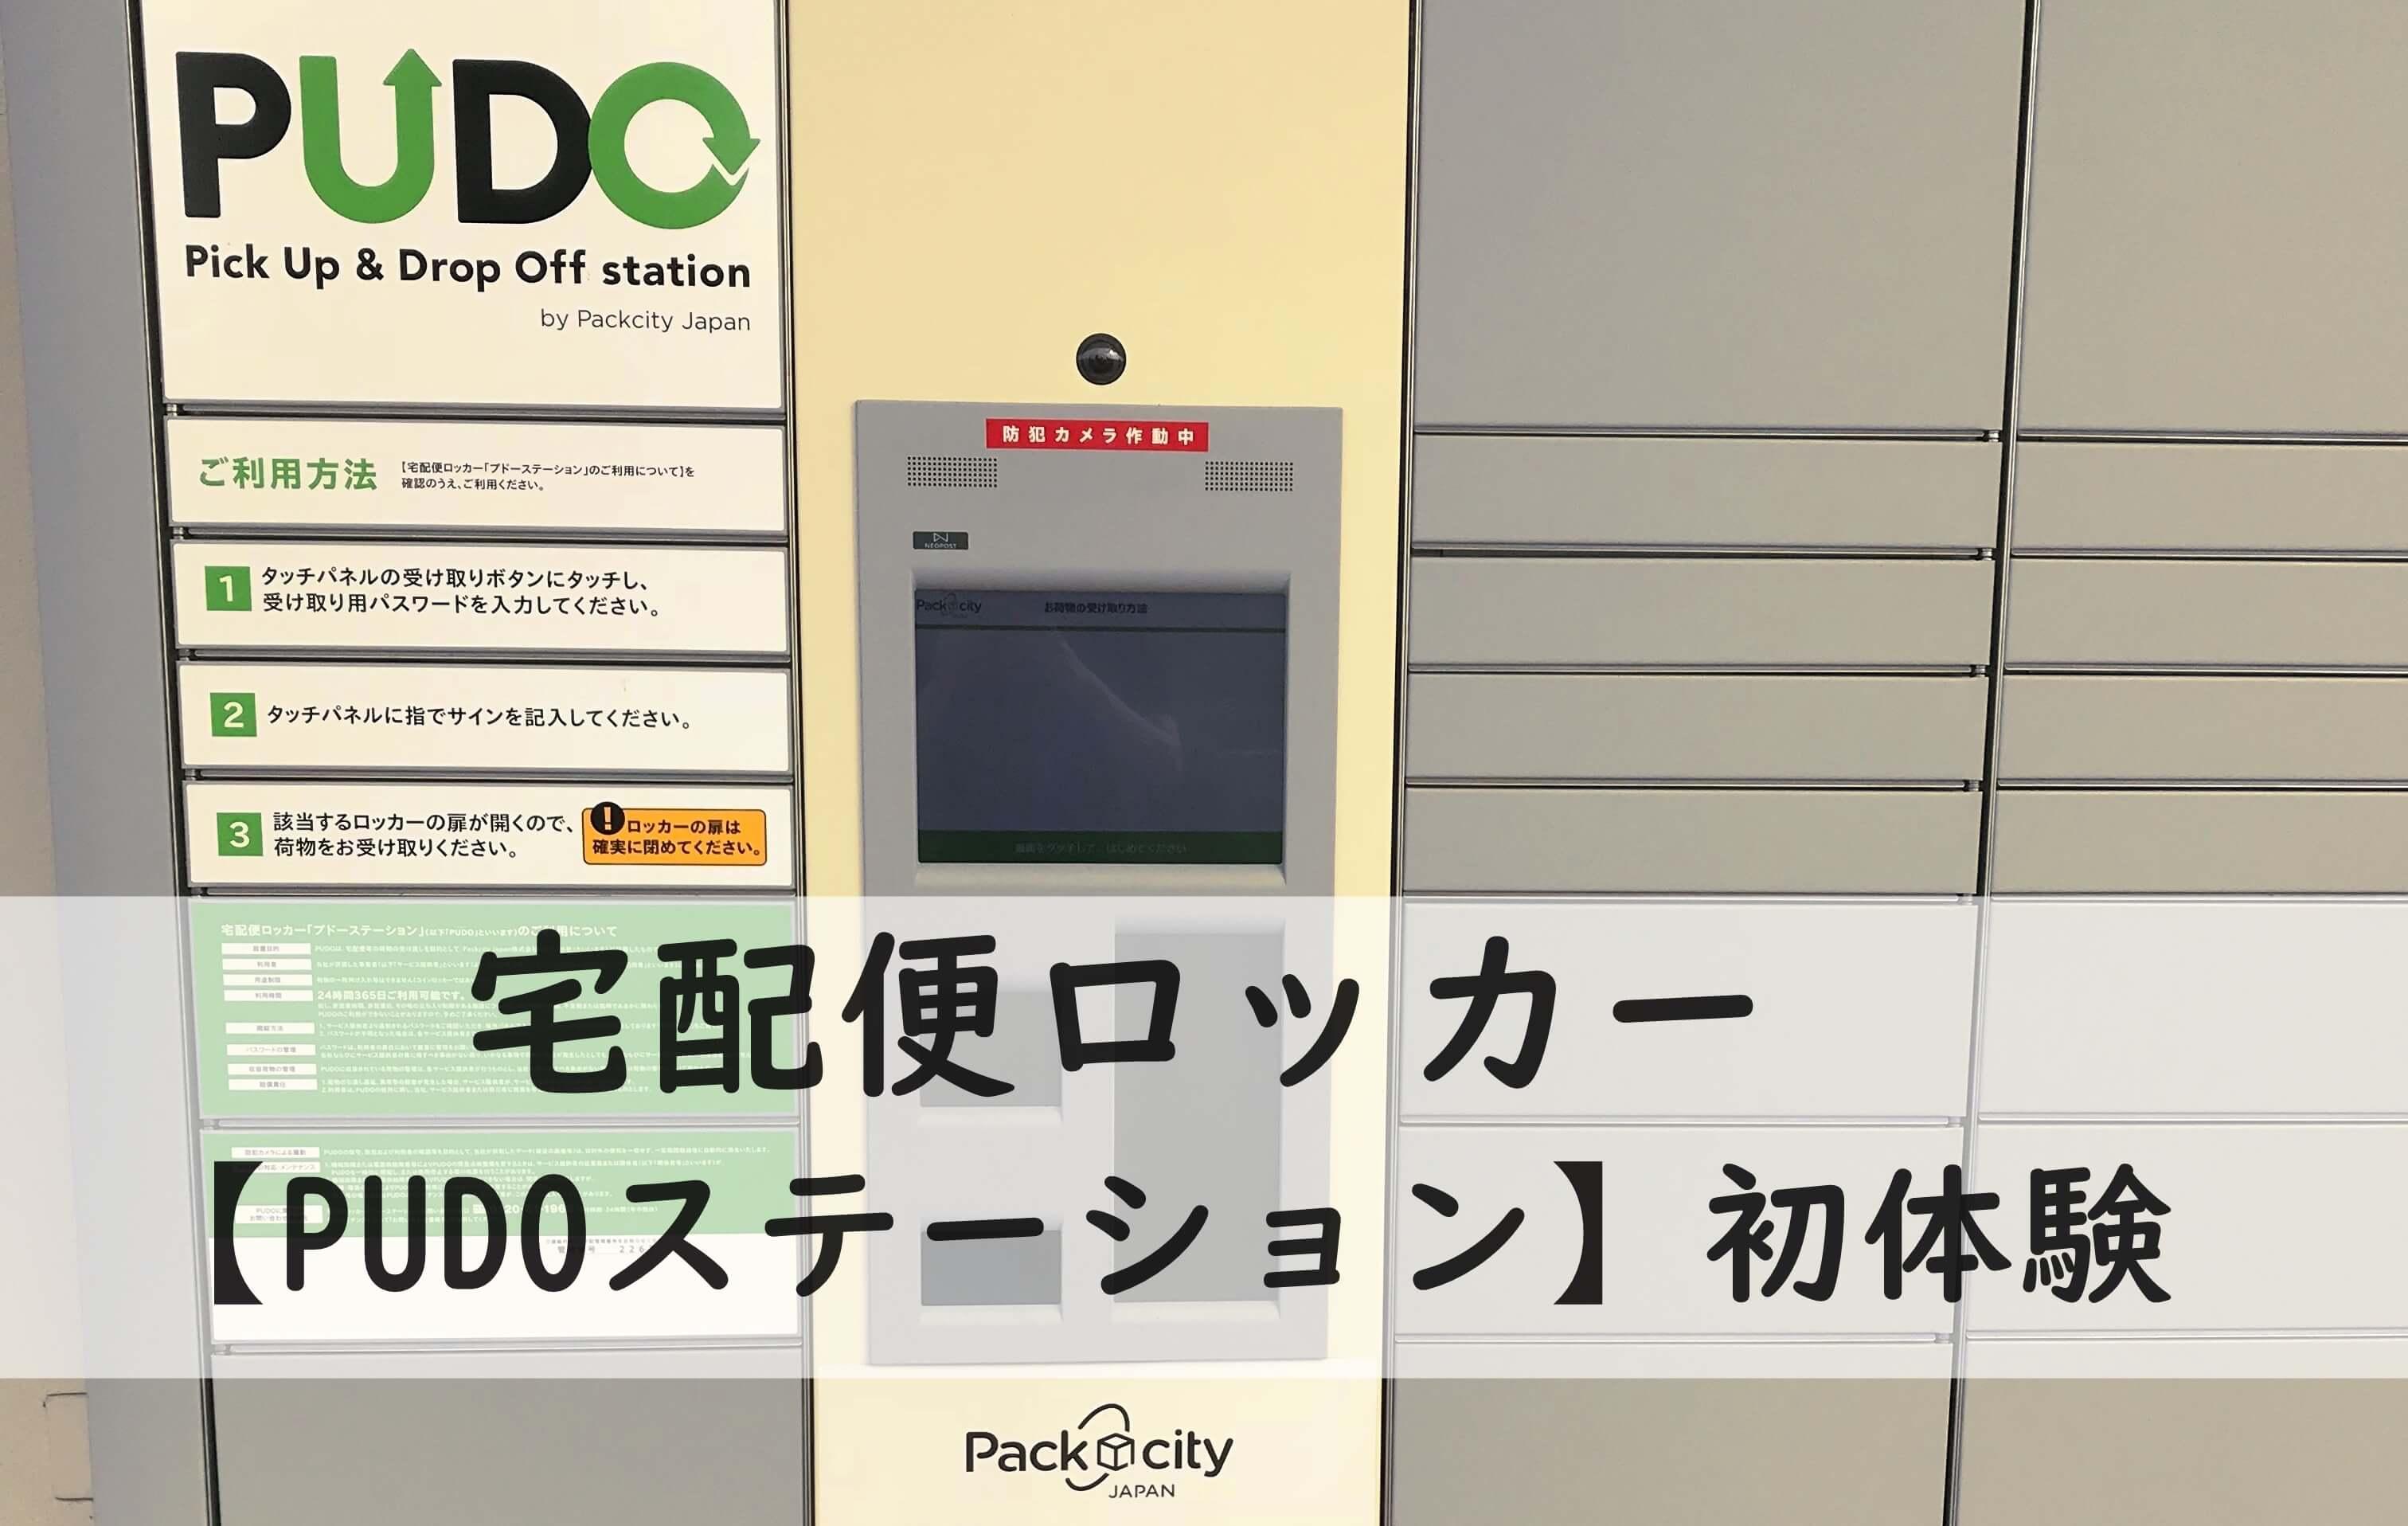 宅配便ロッカー【PUDOステーション】の外観